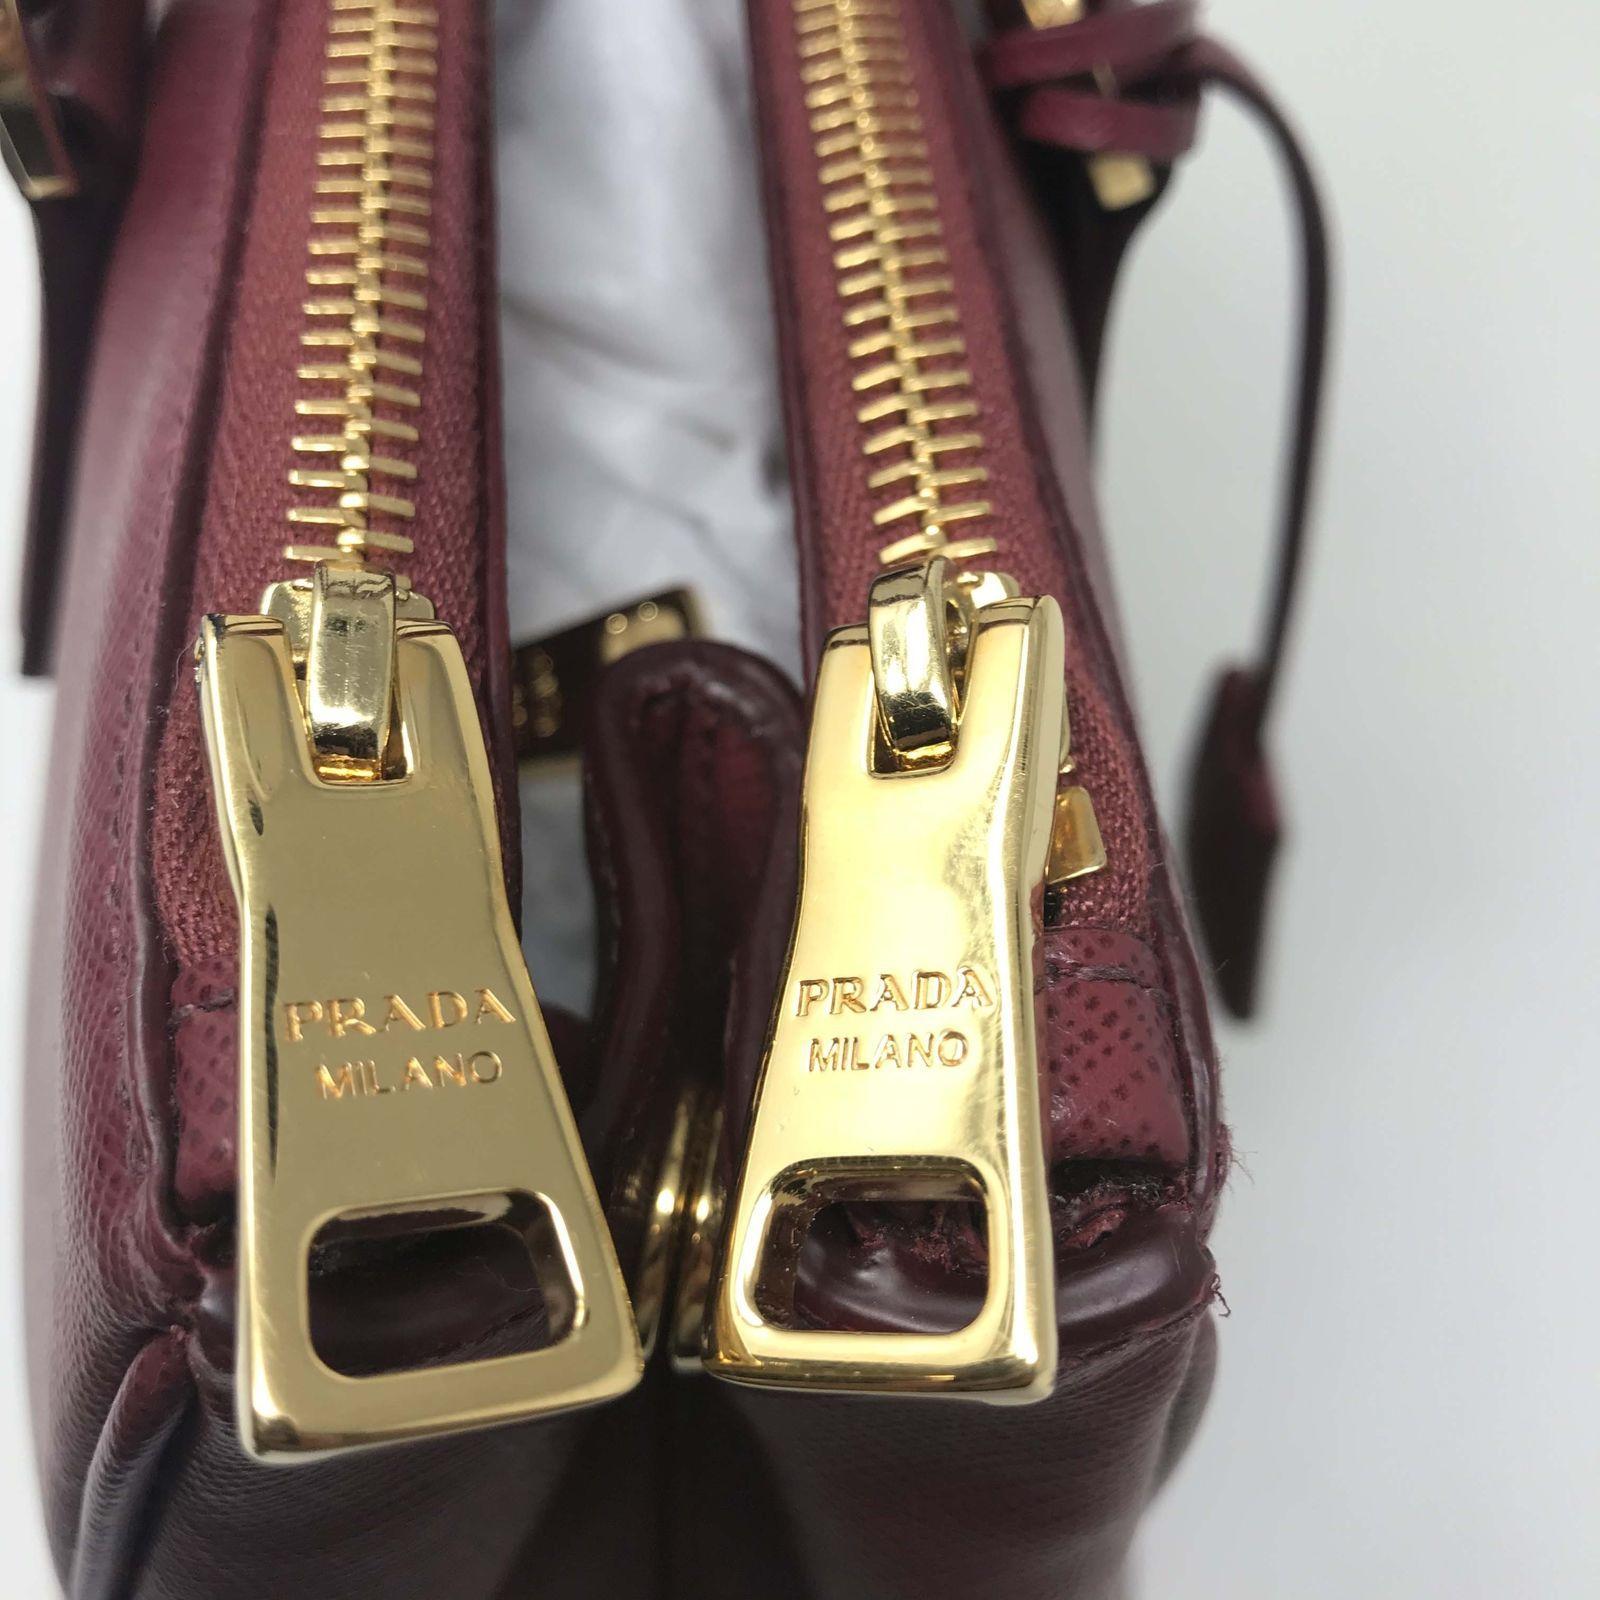 8bf1366fb4 ... Prada 1BA274 Galleria Cherry Saffiano Leather Women s Convertible Tote  Bag